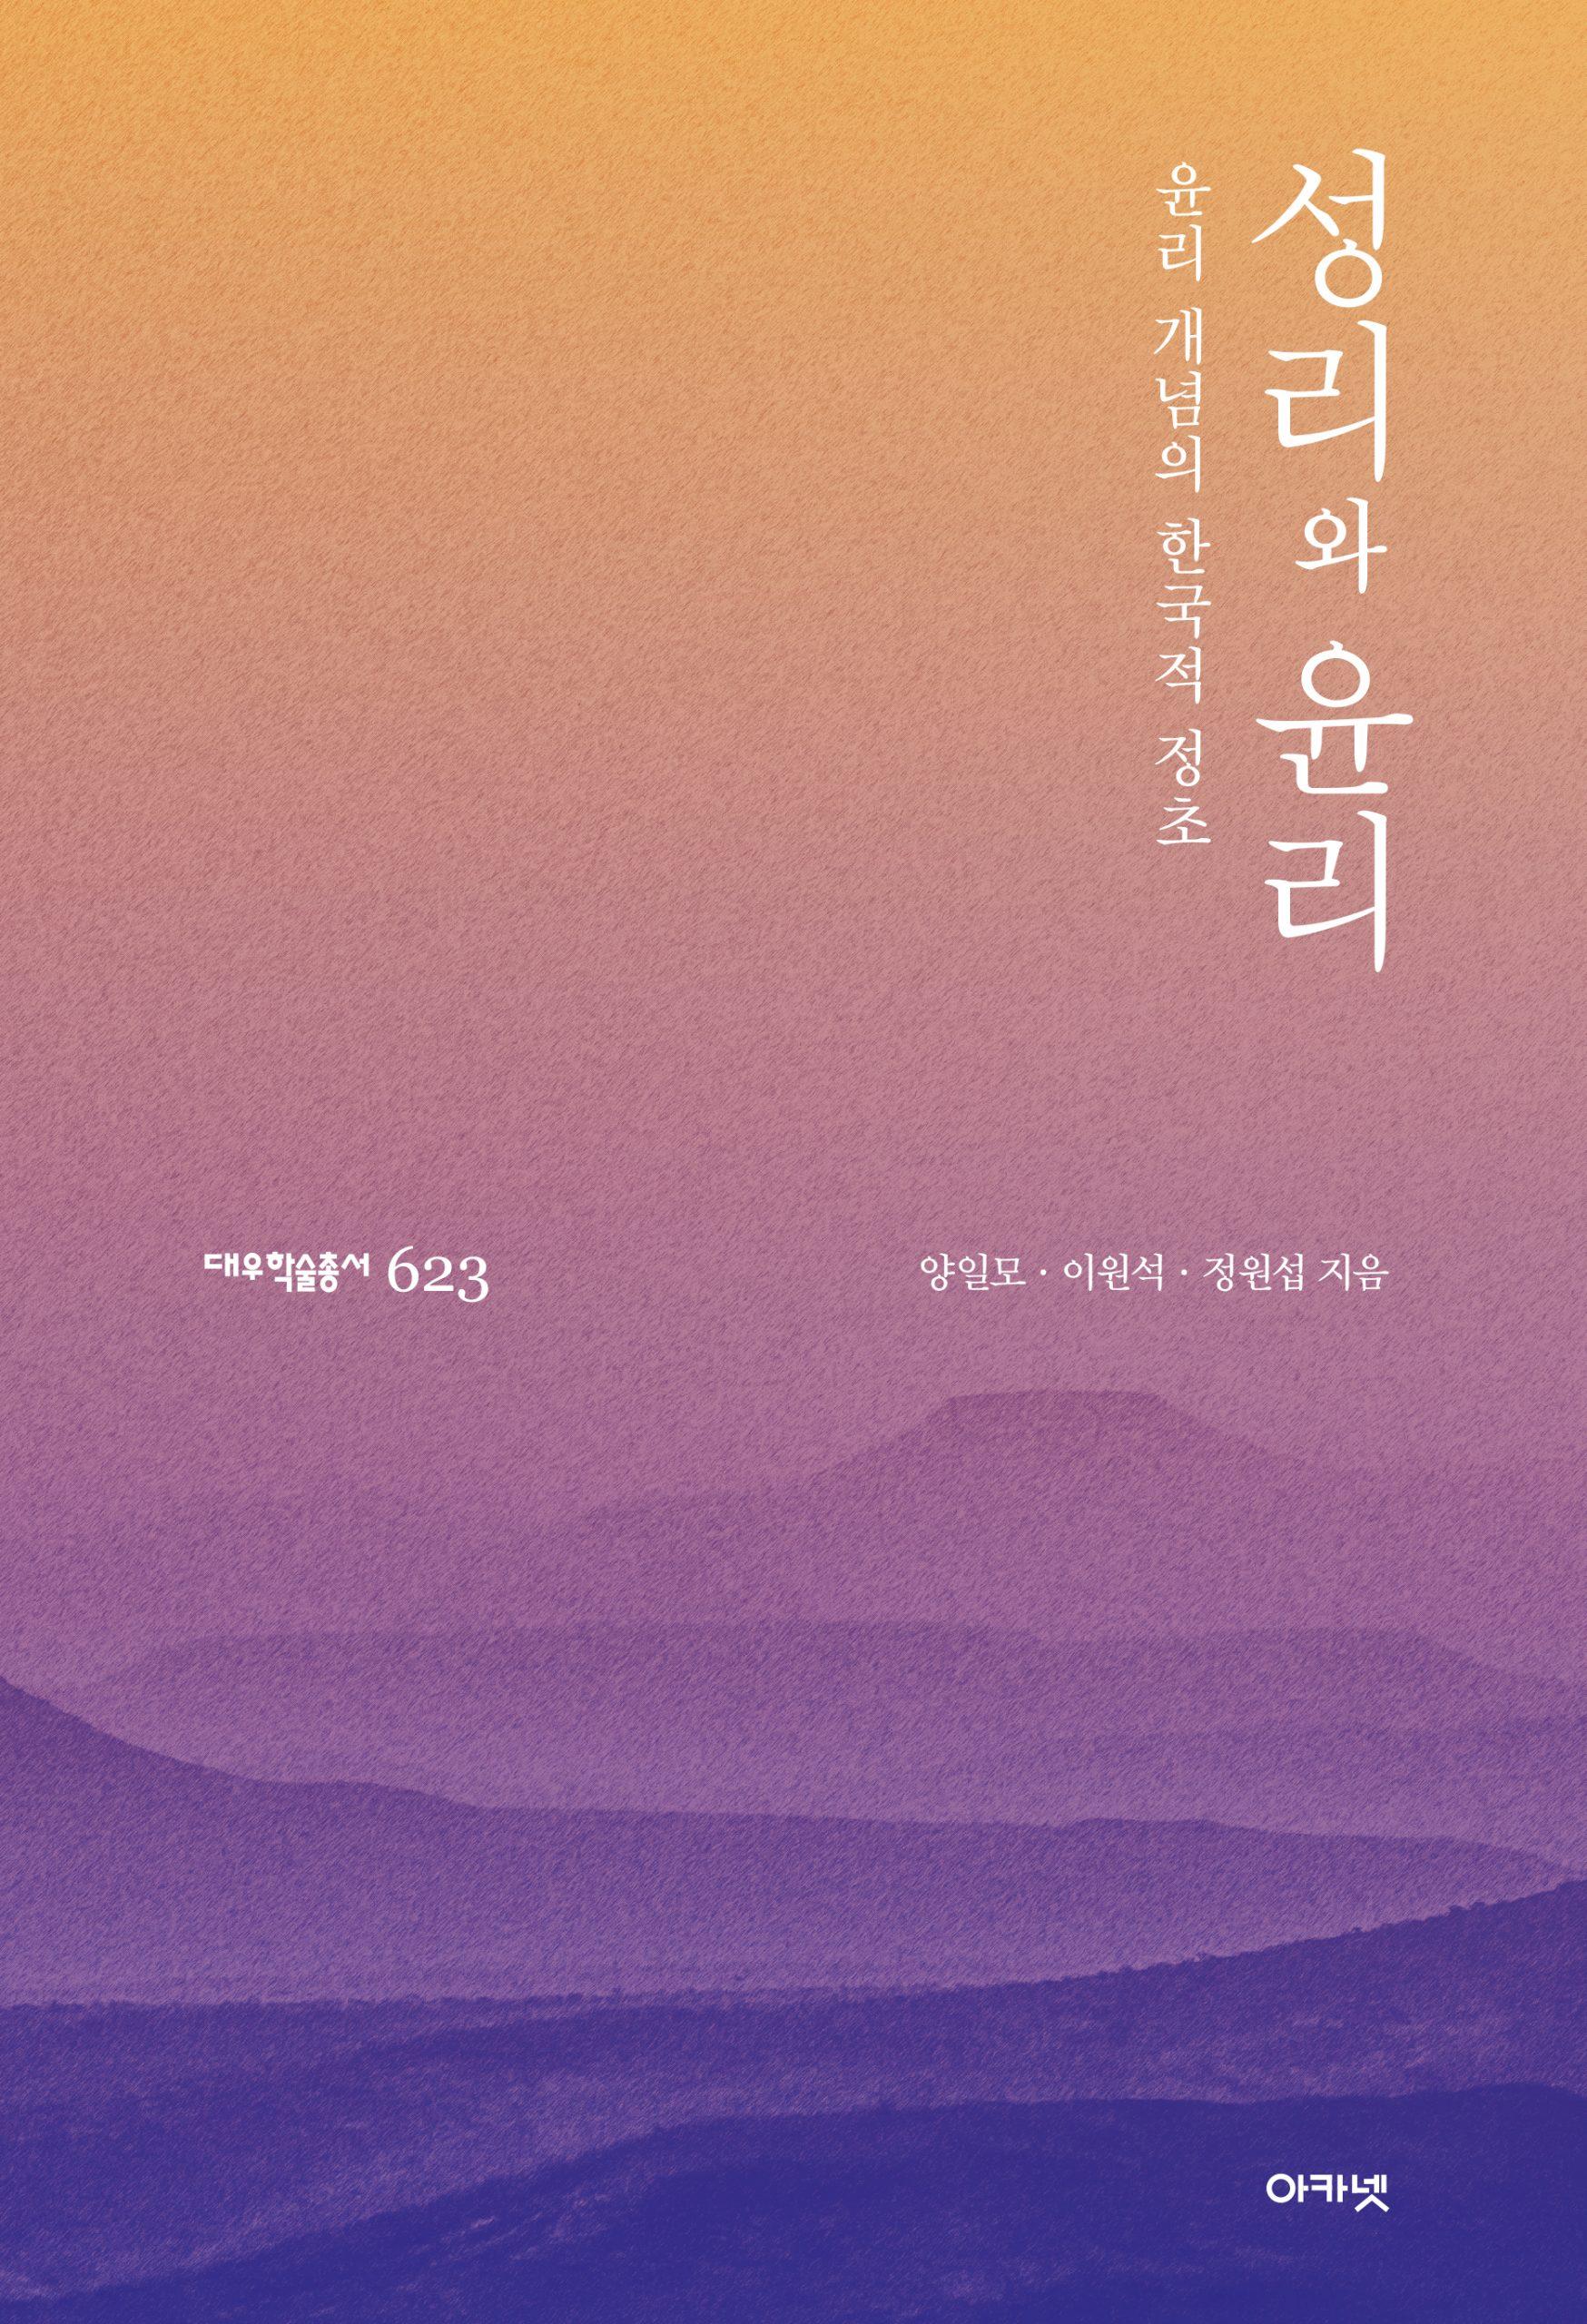 대우재단 대우학술총서 제623권 성리와 윤리 written by 양일모 외 and published by 아카넷 in 2020